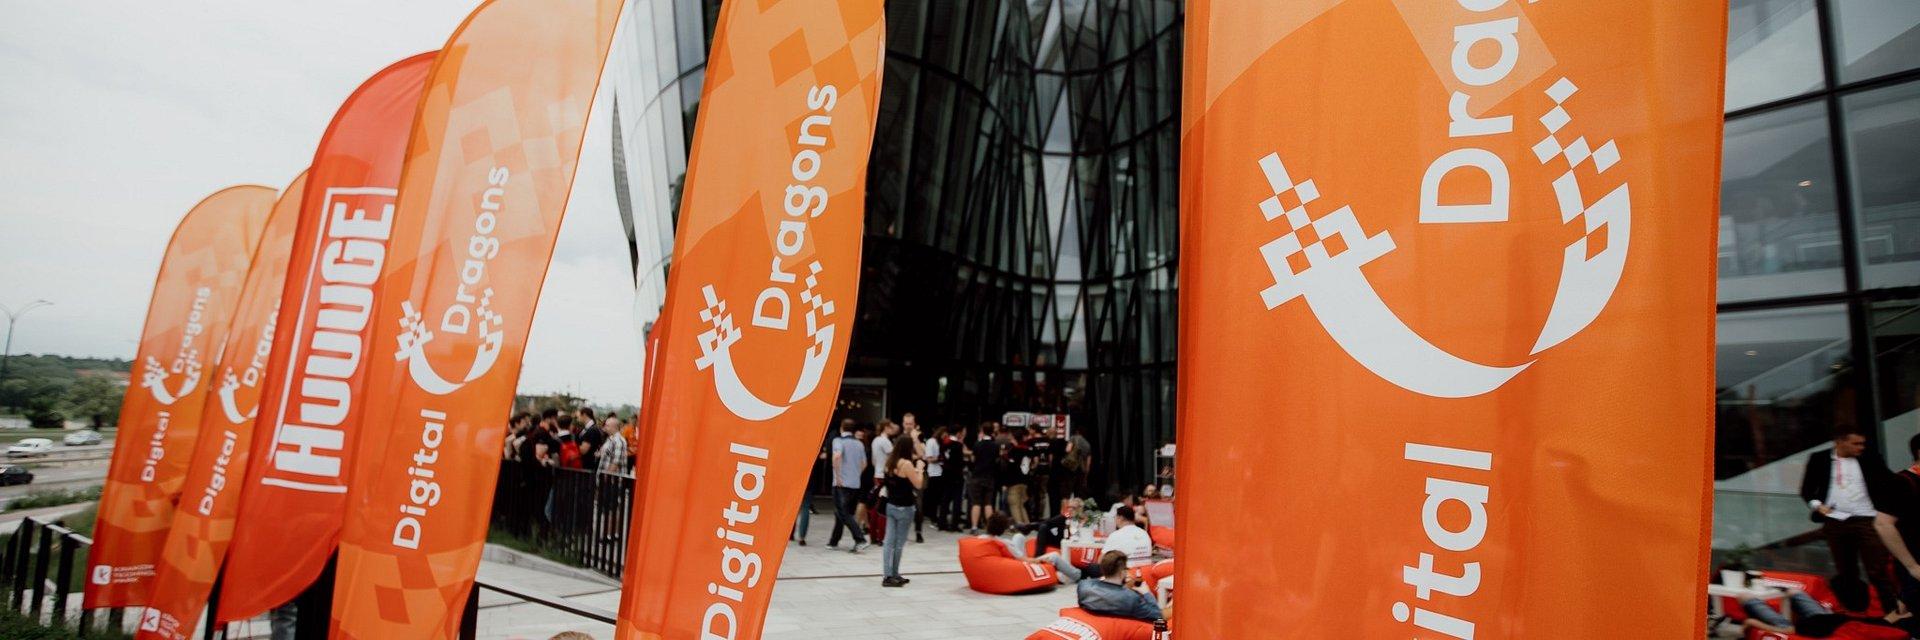 Digital Dragons 2020 – przedstawiciele największych studiów branżowych odwiedzą Kraków!